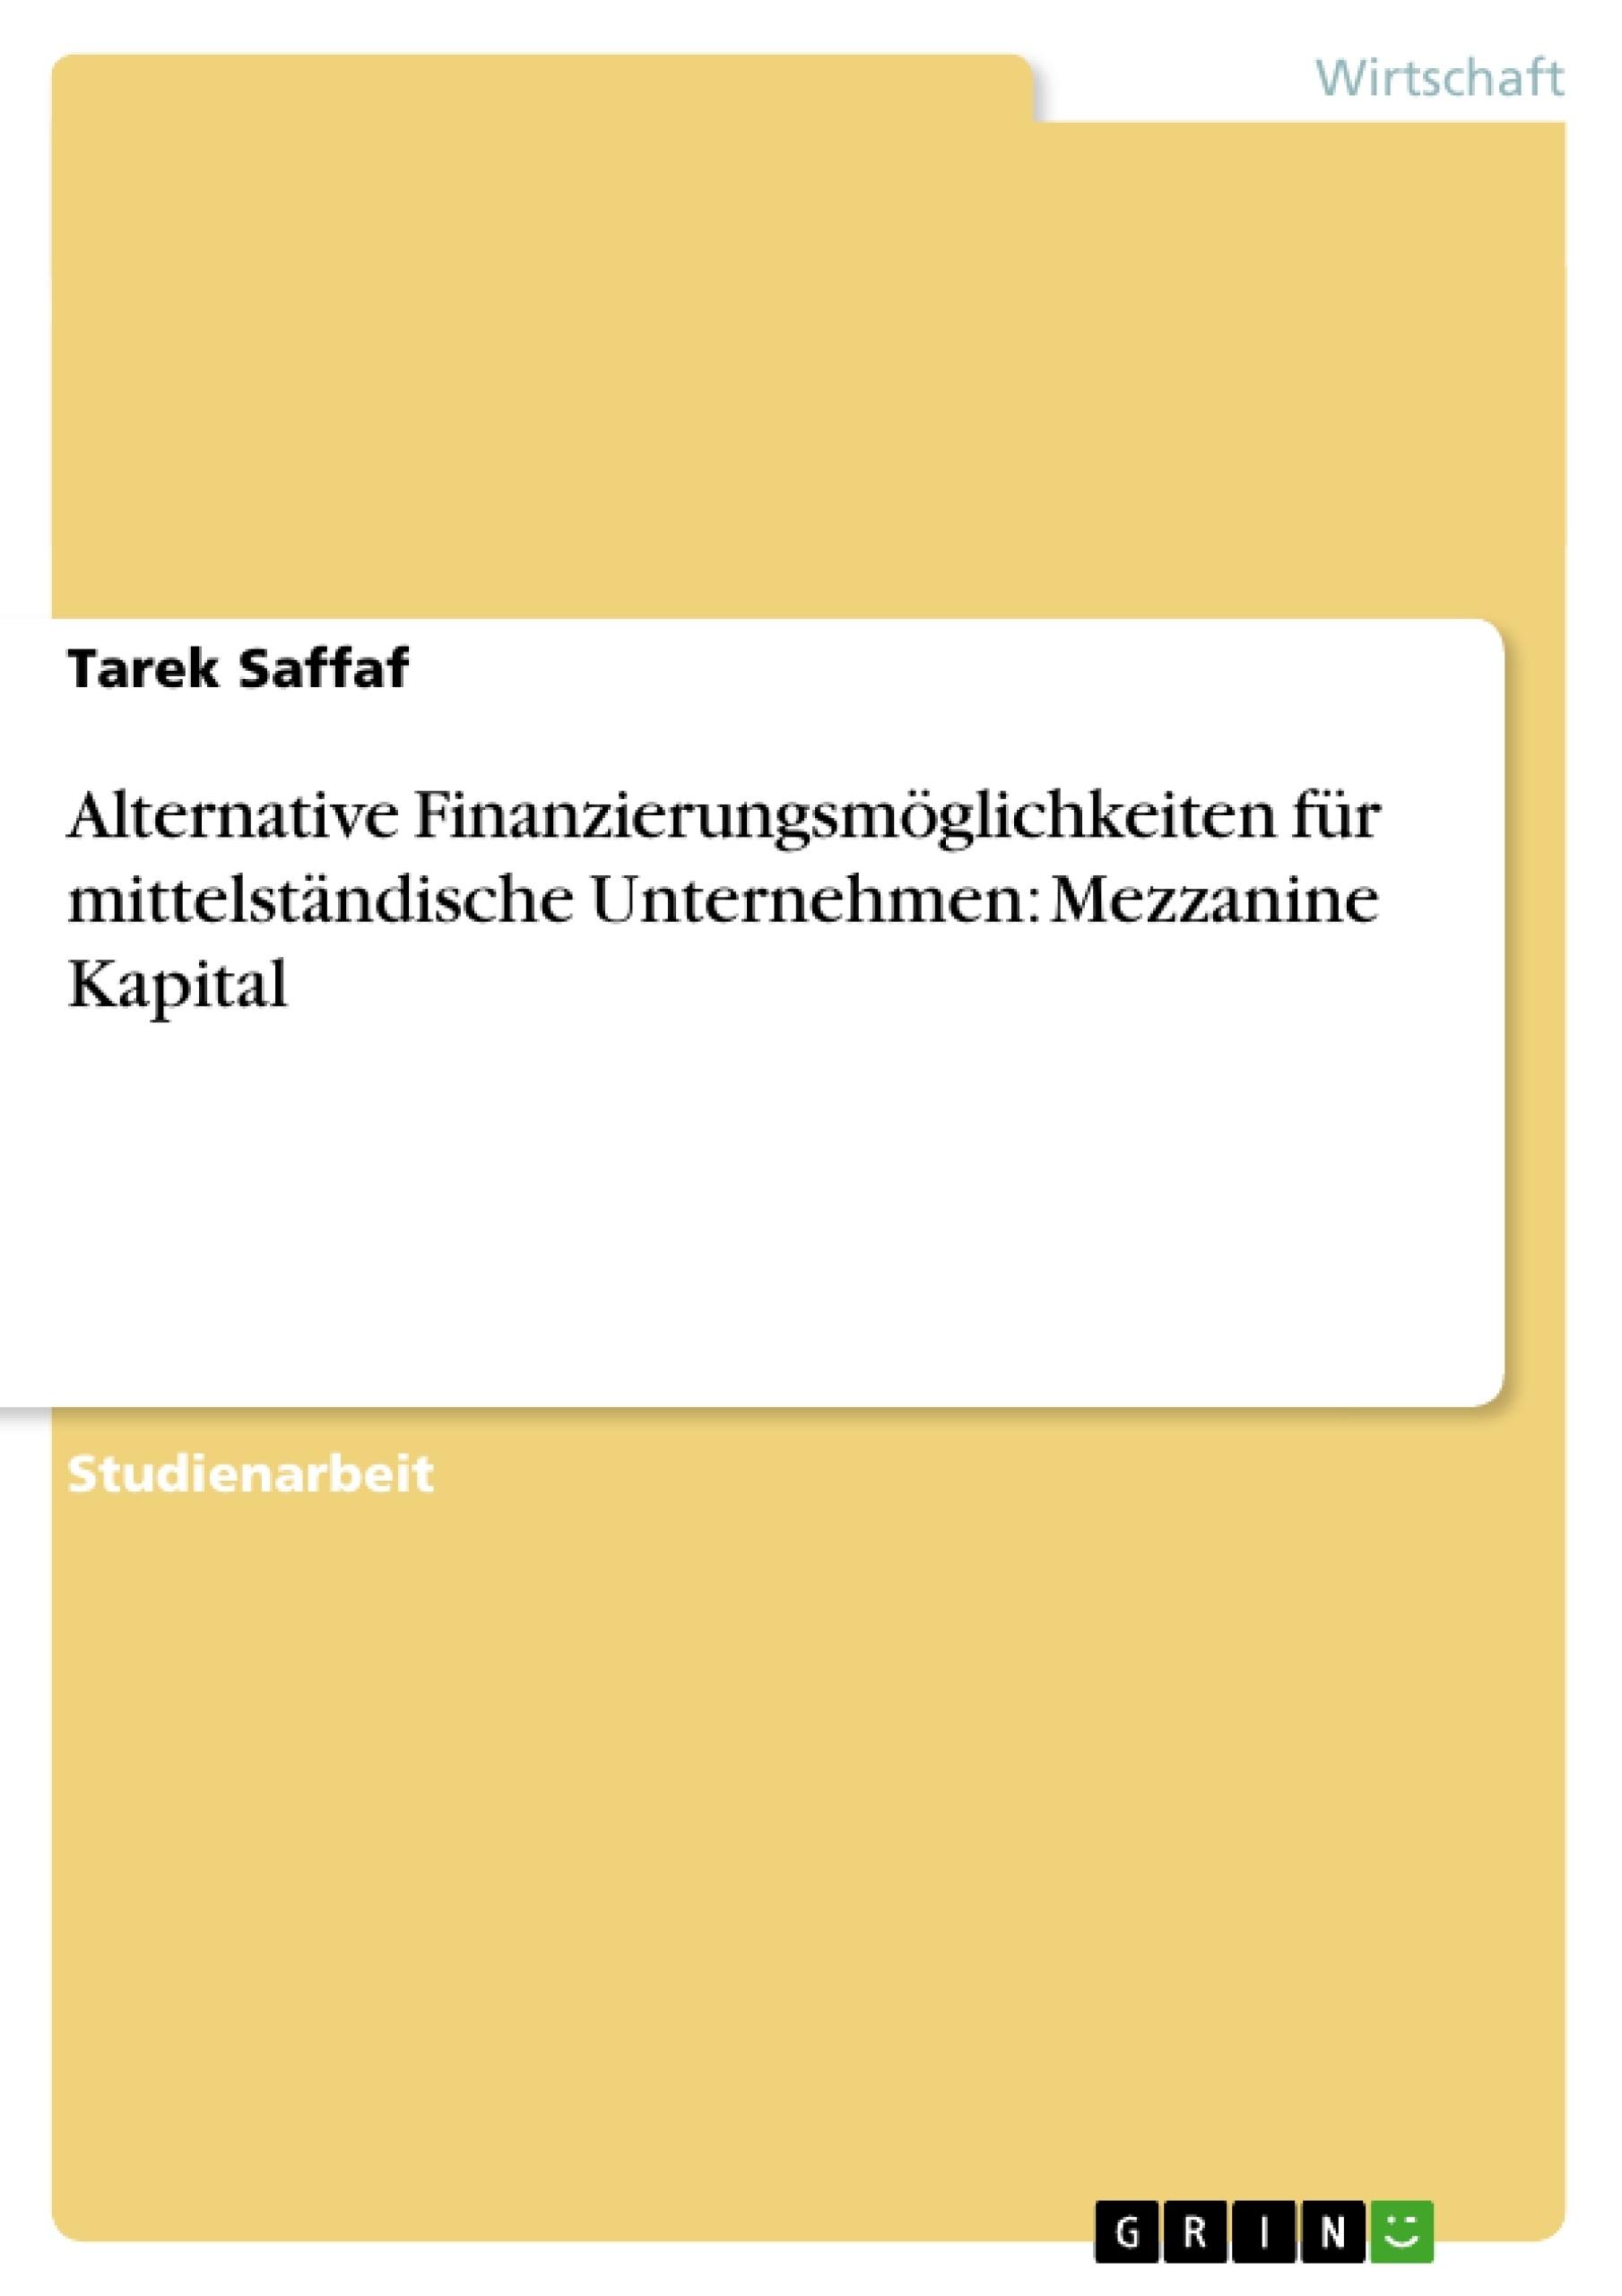 Titel: Alternative Finanzierungsmöglichkeiten für mittelständische Unternehmen: Mezzanine Kapital